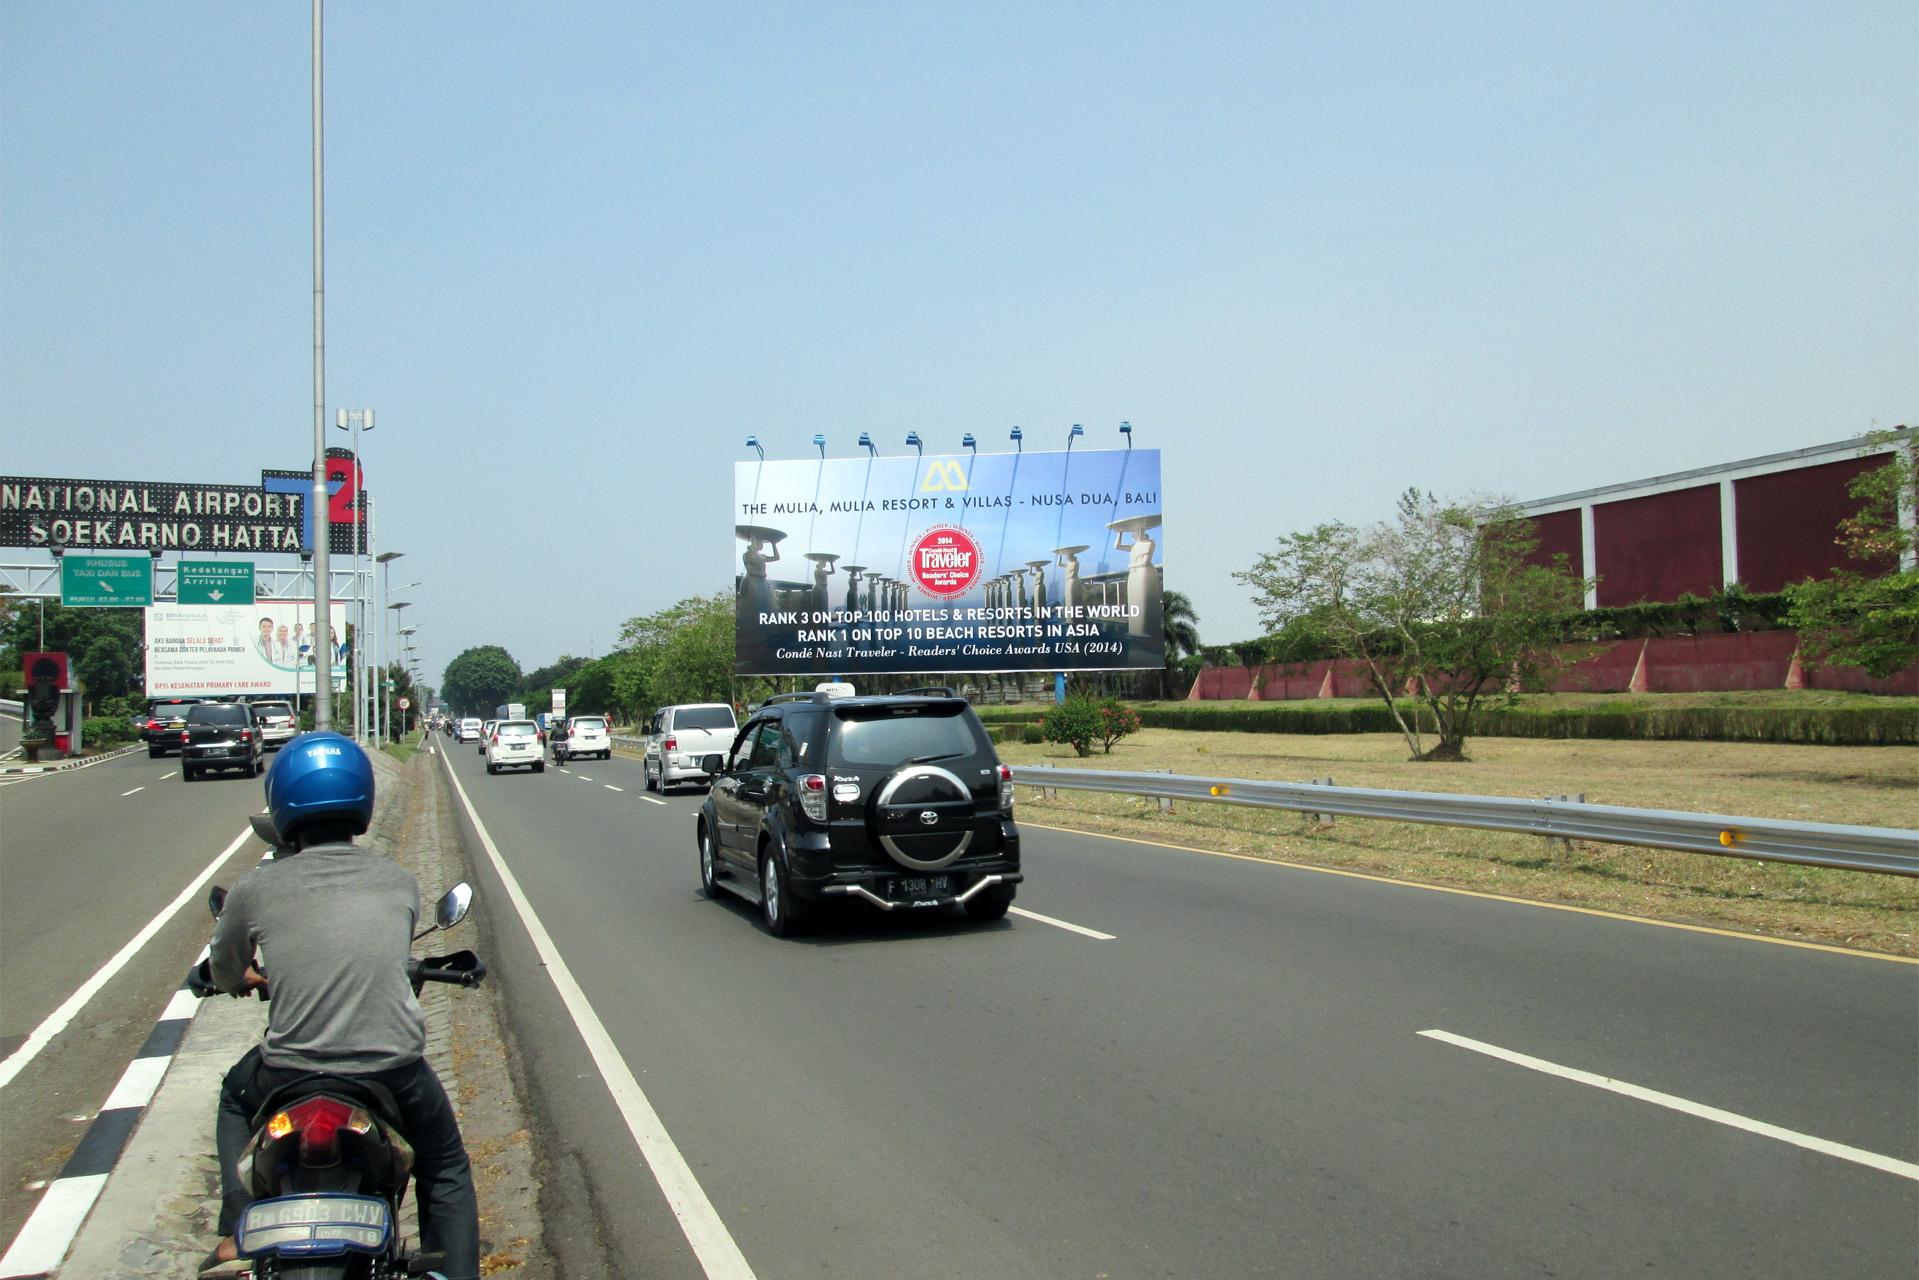 The Mulia - Jl P2 Bandara Soekarno-Hatta